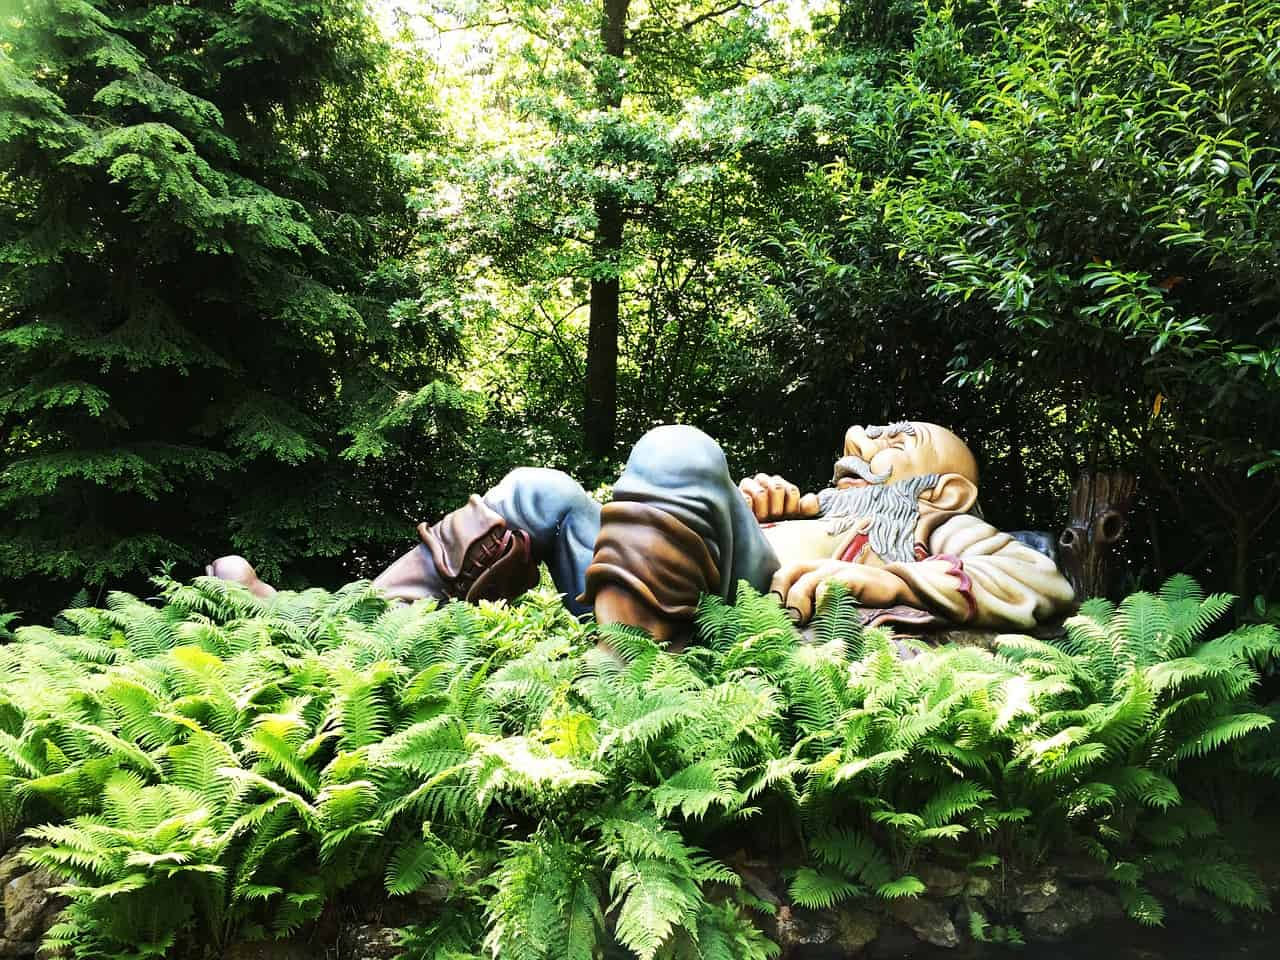 Freizeitpark mit Übernachtung Kaatsheuvel ab 199,50€ - 2 Tage